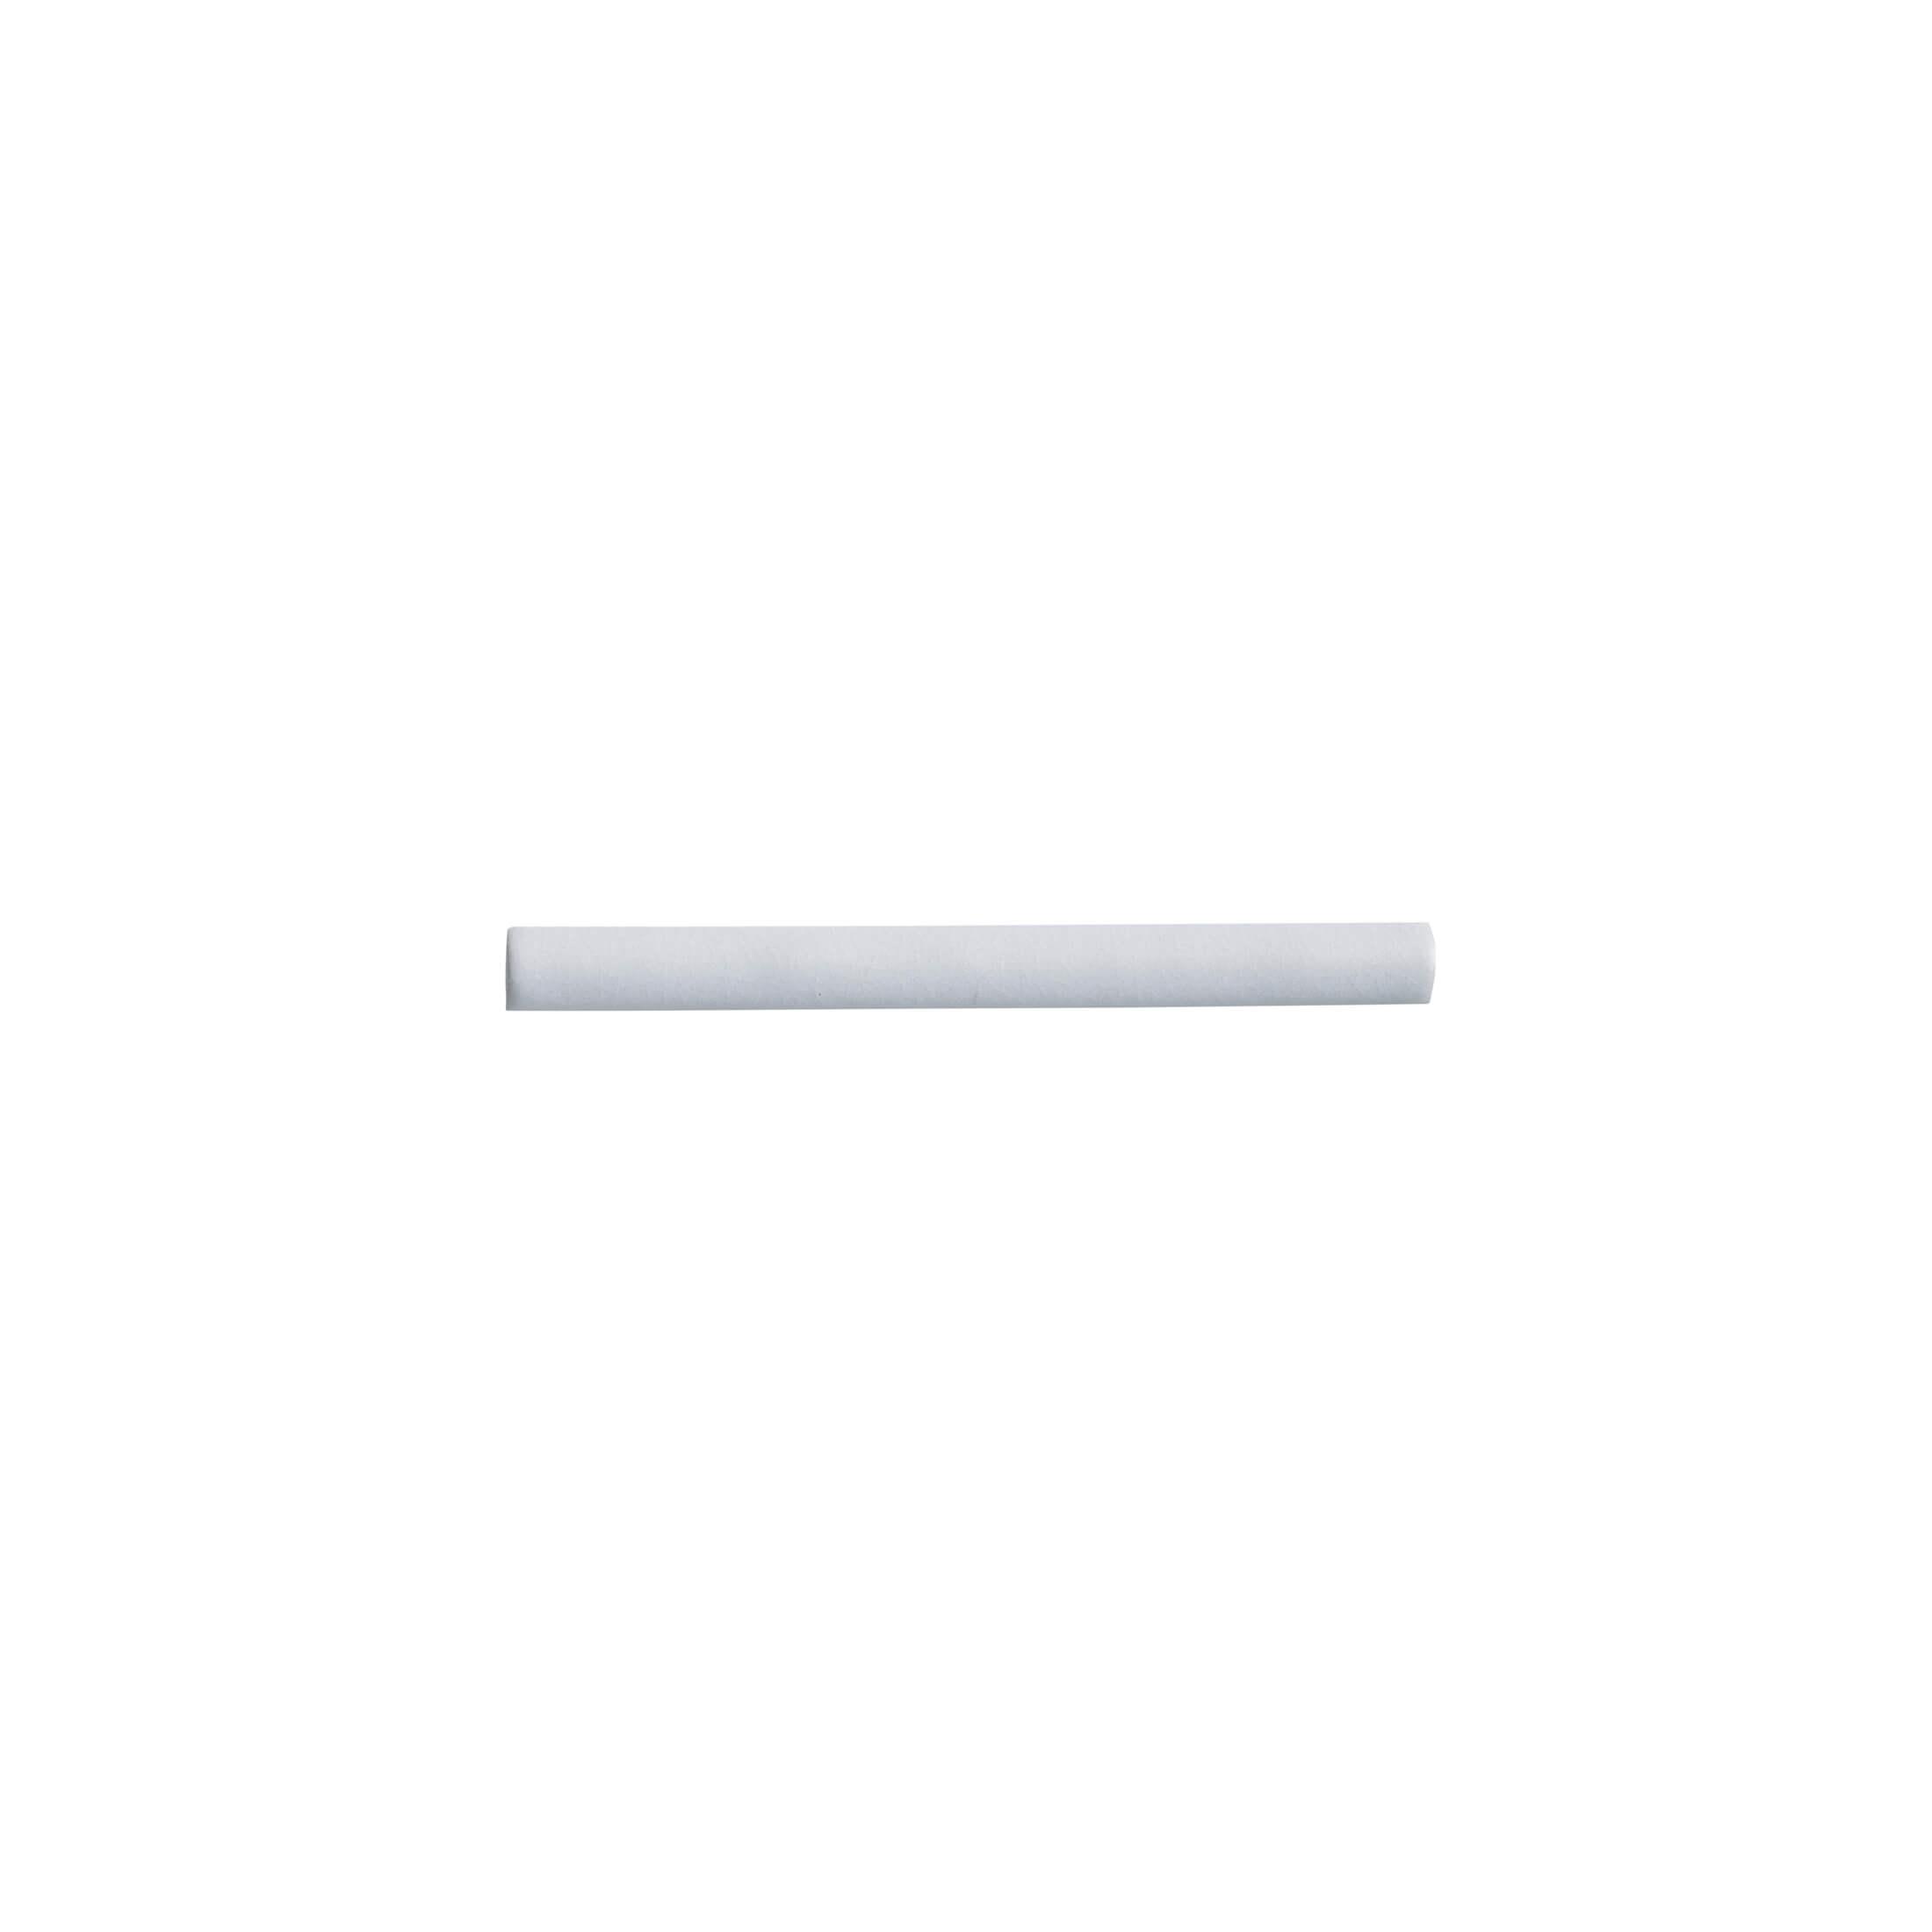 ADEH5031 - BULLNOSE TRIM - 1.2 cm X 15 cm